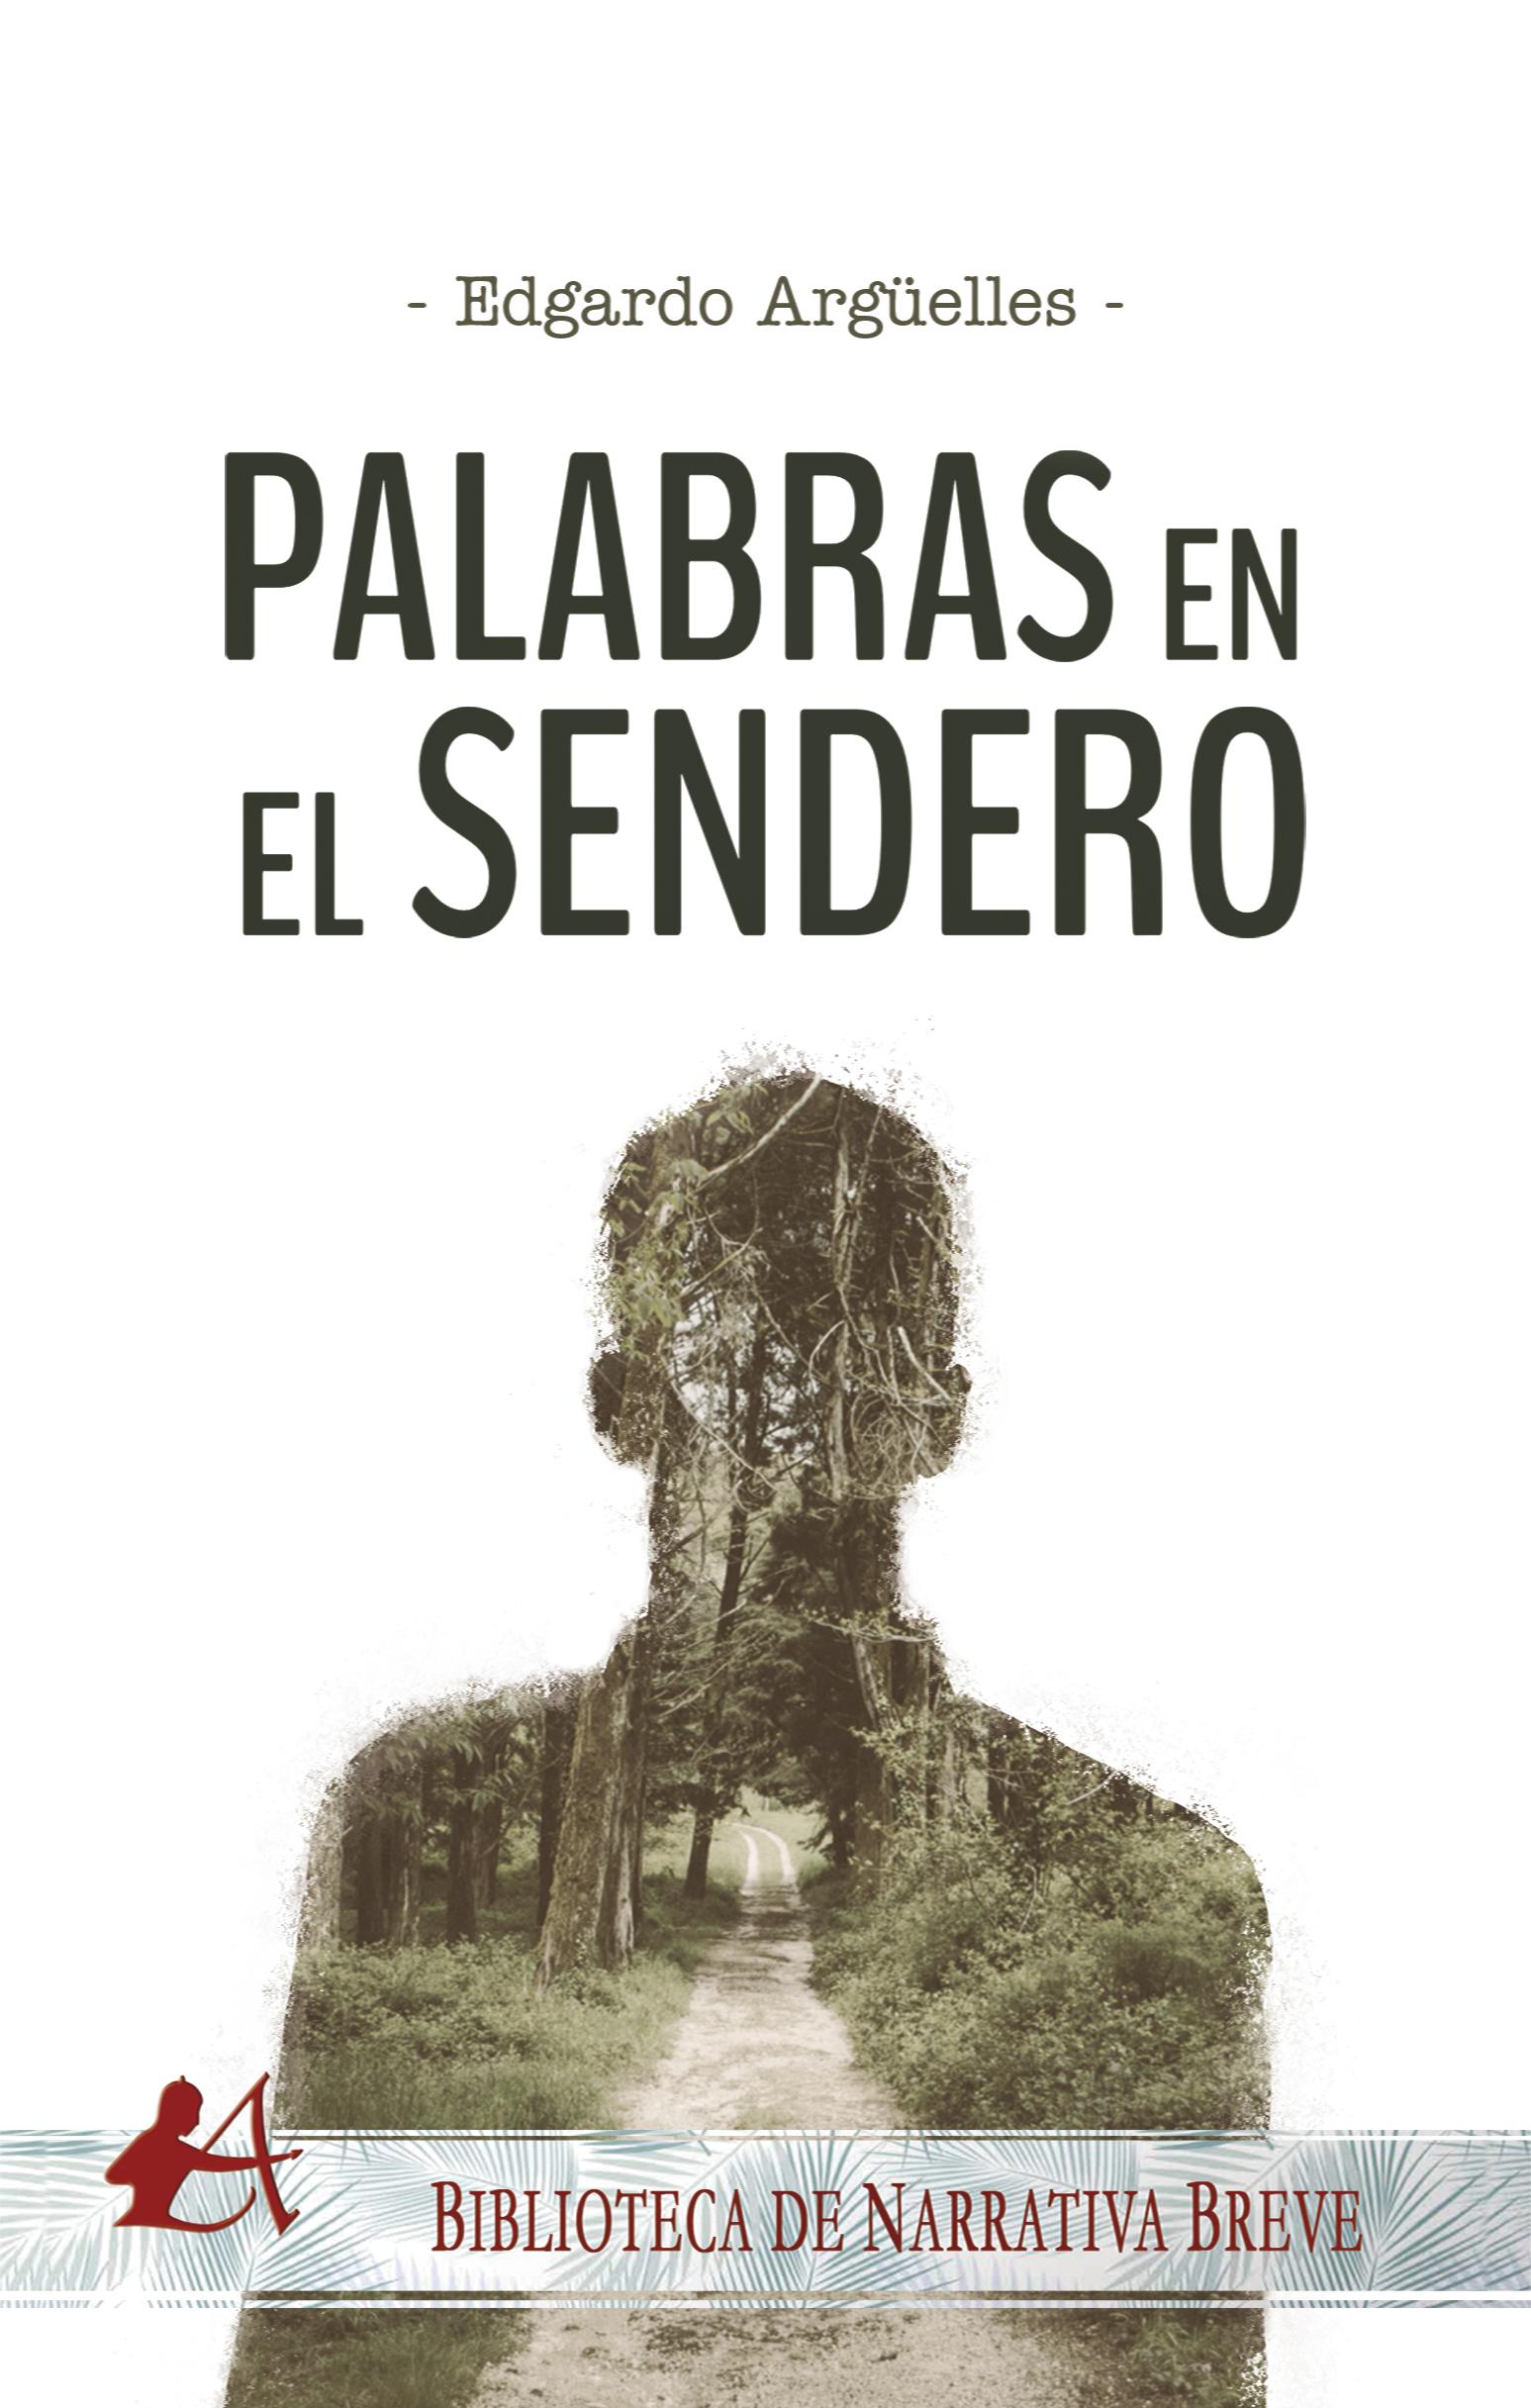 Portada del libro Palabras en el sendero de Edgardo Argüelles. Editorial Adarve, Escritores de hoy